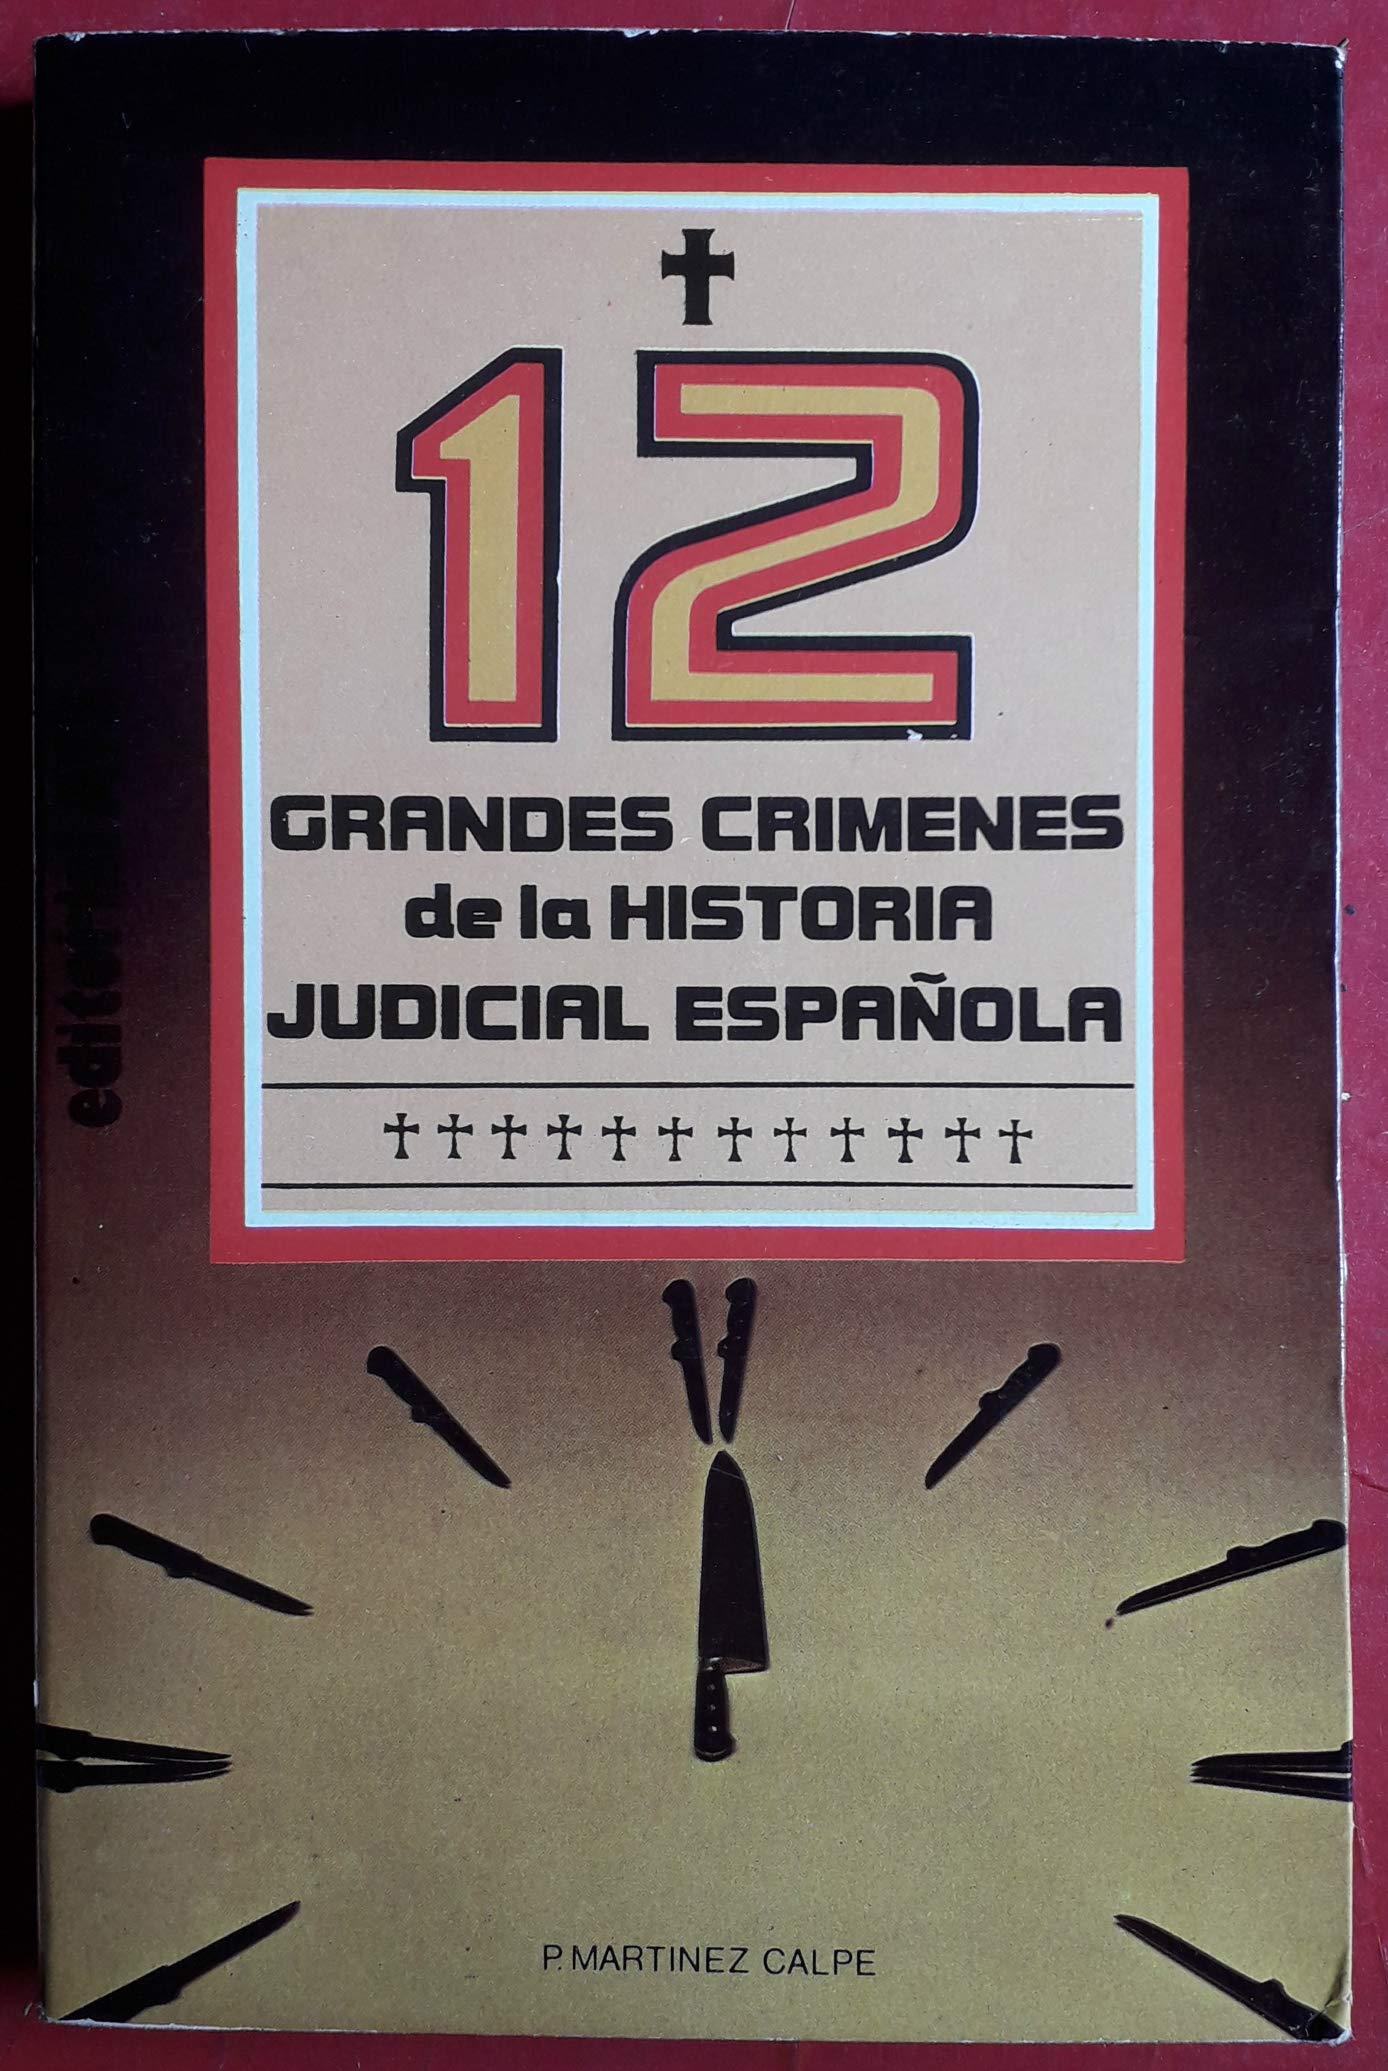 12 grandes crímenes de la historia judicial española: Amazon.es: Libros